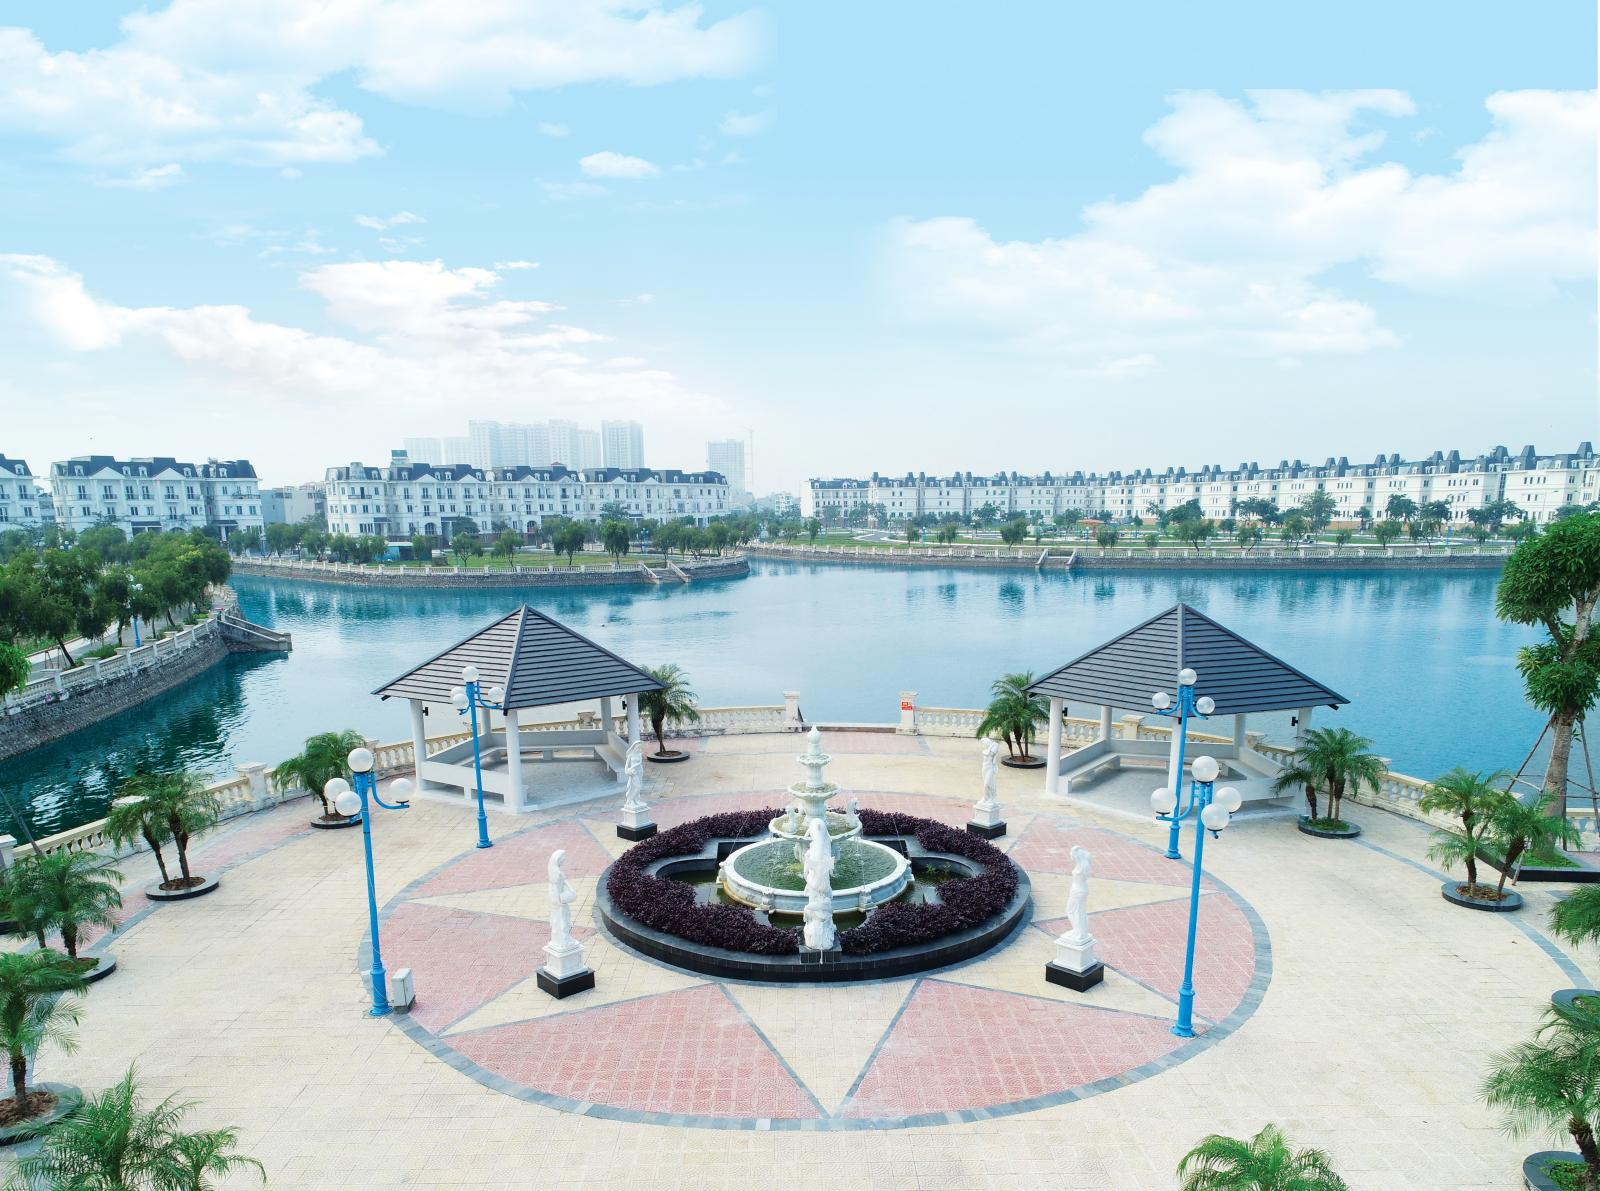 Đài phun nước hình tròn nằm sát hồ nước, xung quanh hồ là những dãy nhà biệt thự